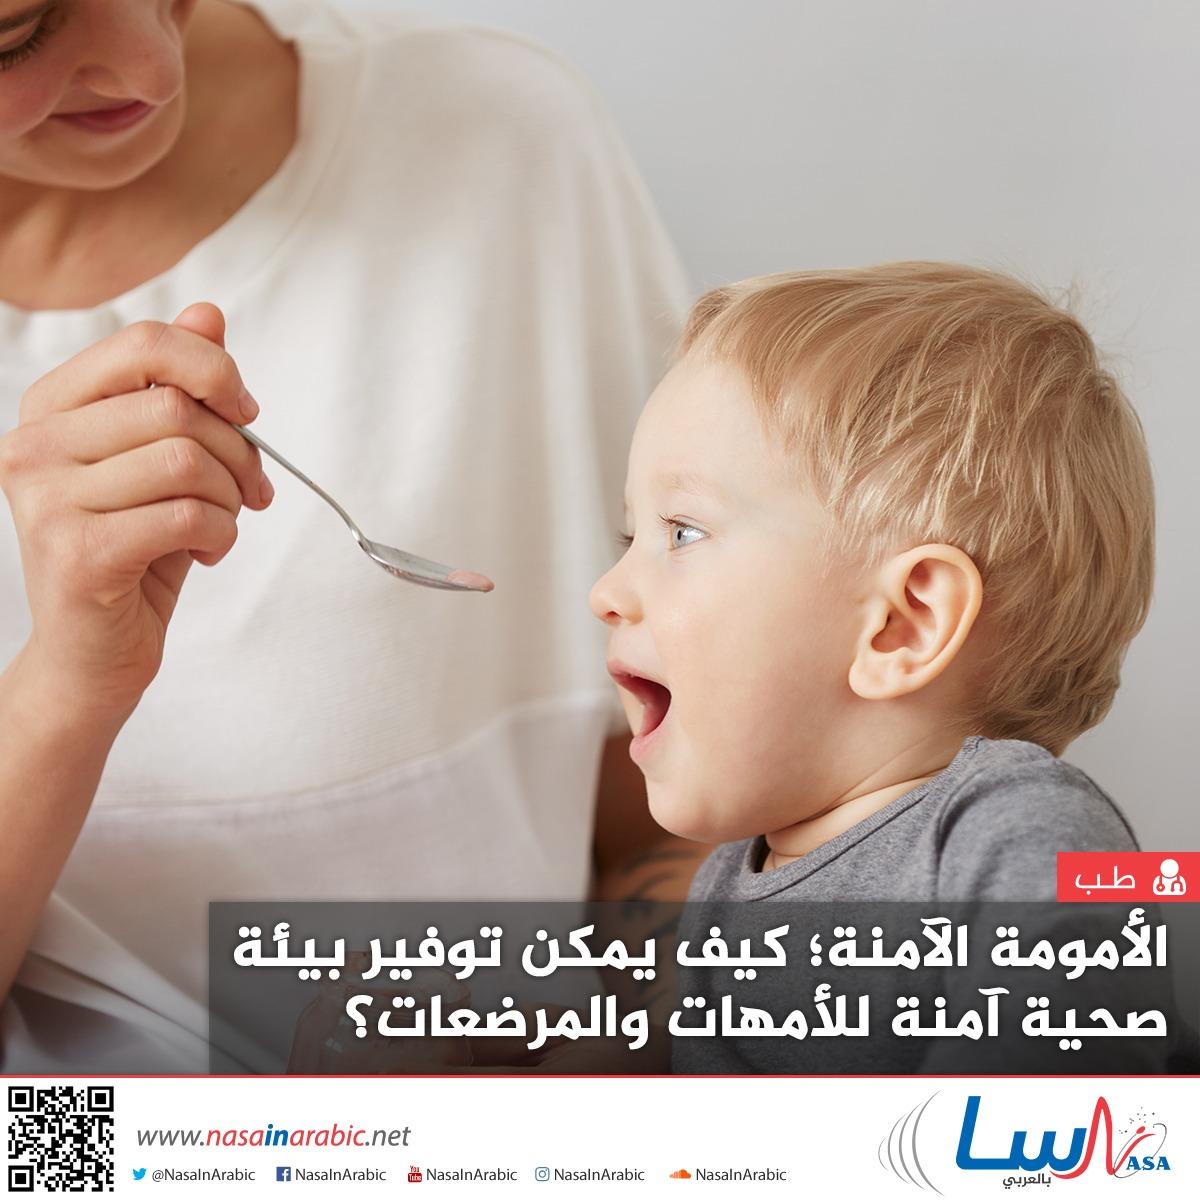 الأمومة الآمنة؛ كيف يمكن توفير بيئة صحية آمنة للأمهات والمرضعات؟